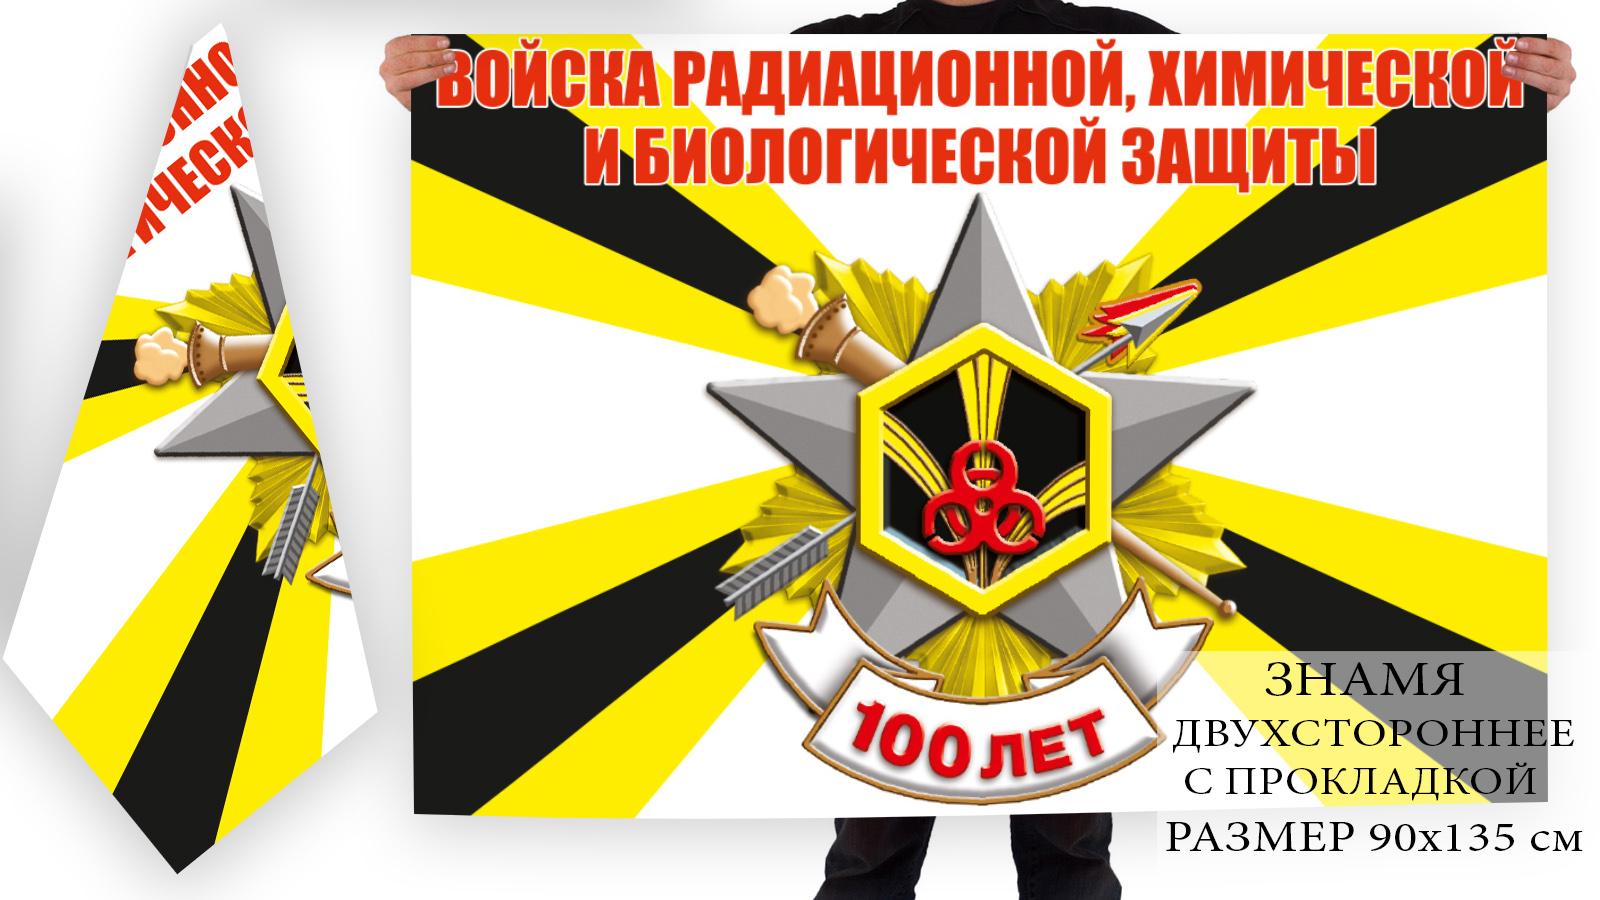 Продажа флагов ко Дню радиационных войск